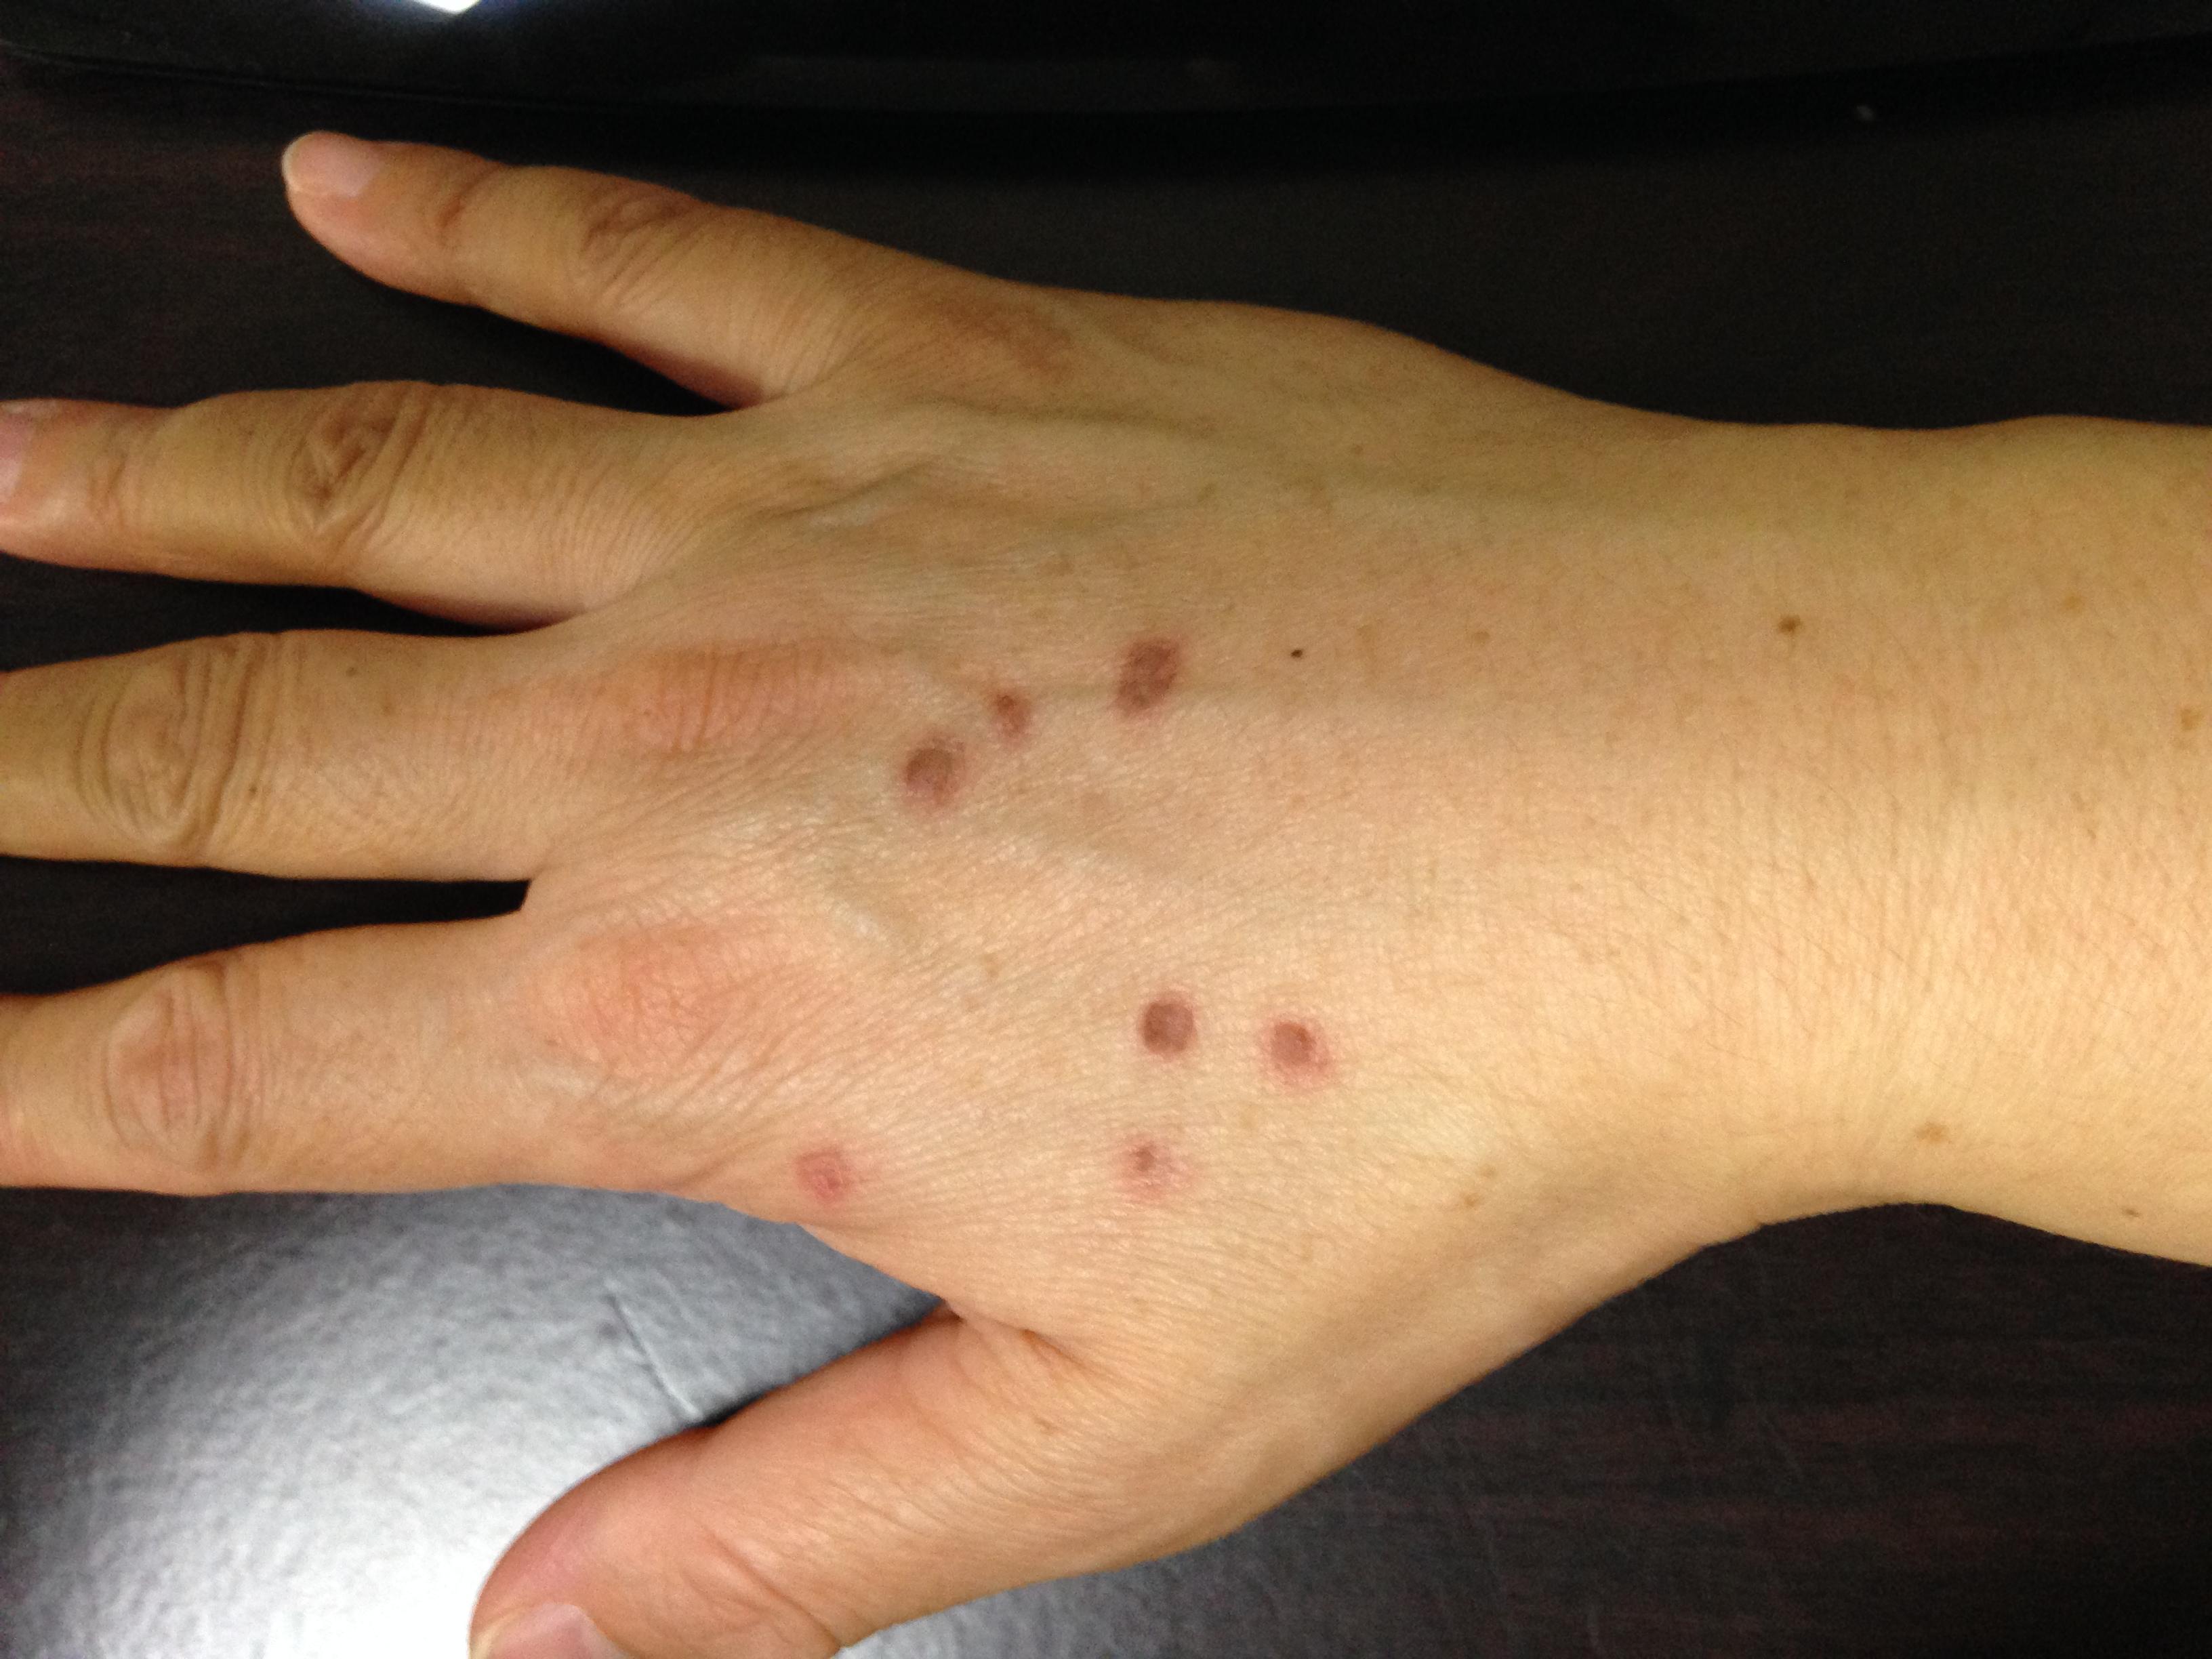 ウイルス性イボ(扁平疣贅)を液体窒素で治療した経過と画像